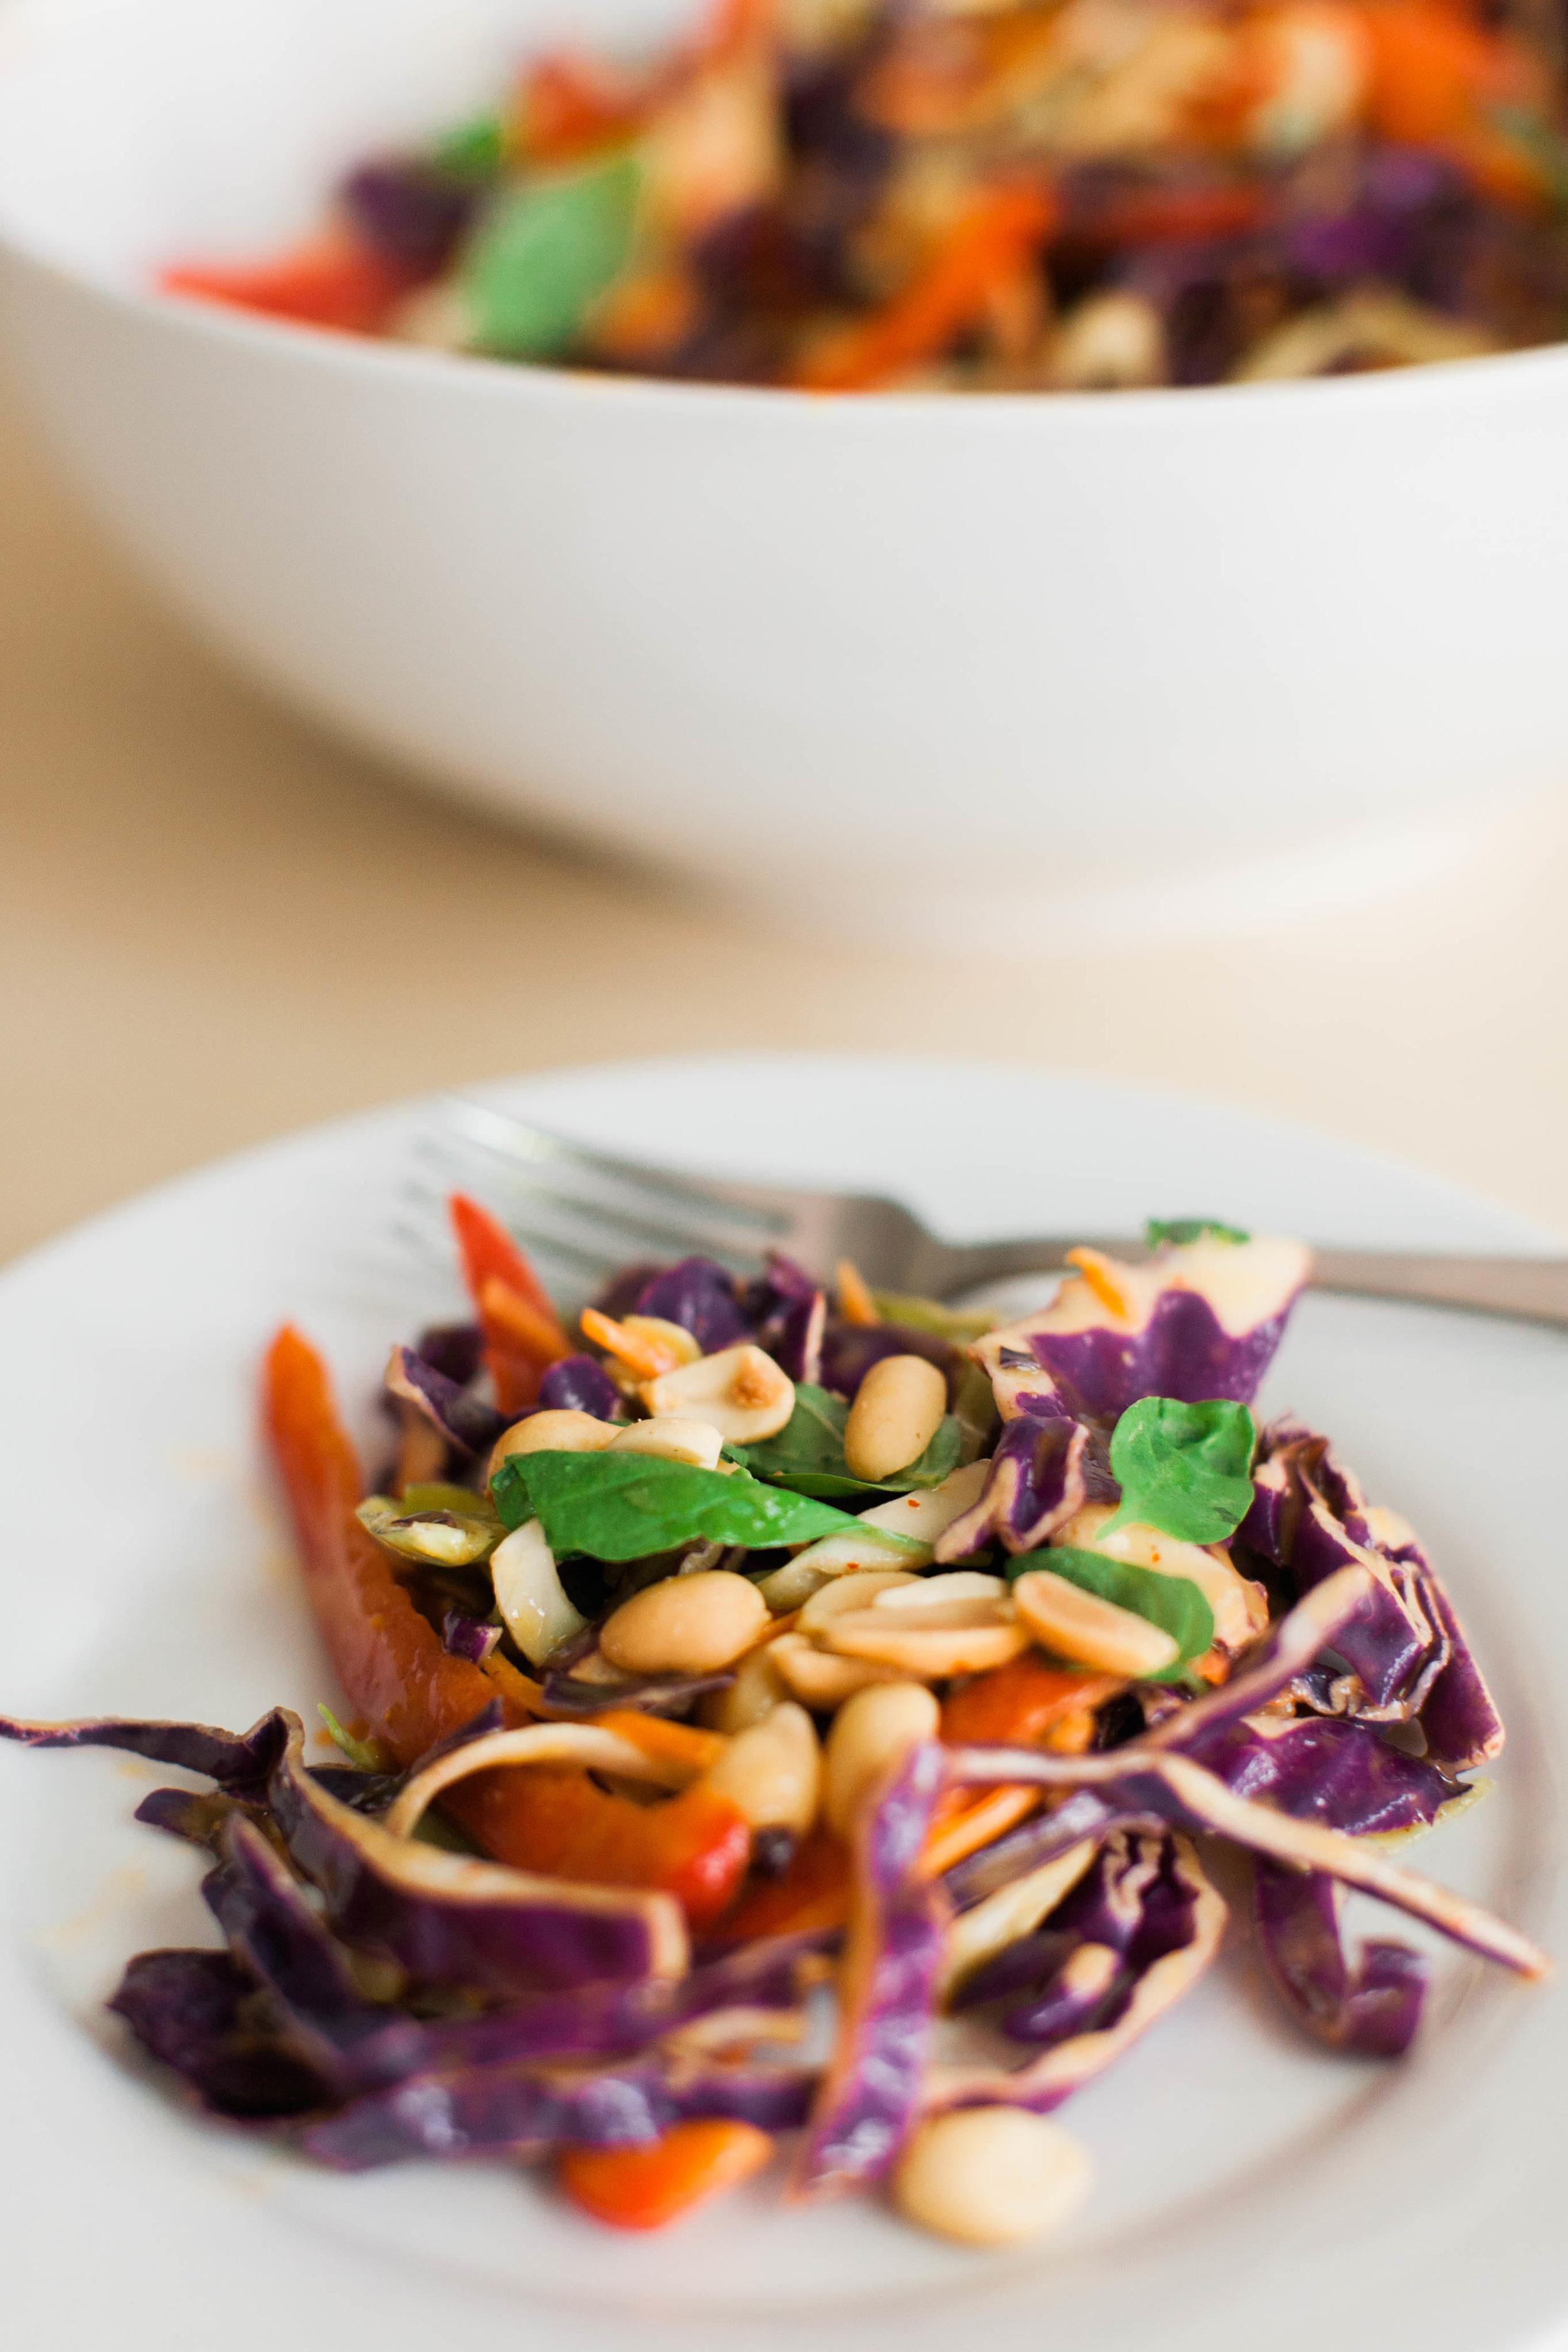 jennahazelphotography-thai-peanut-salad-with-chickpeas-0709.jpg